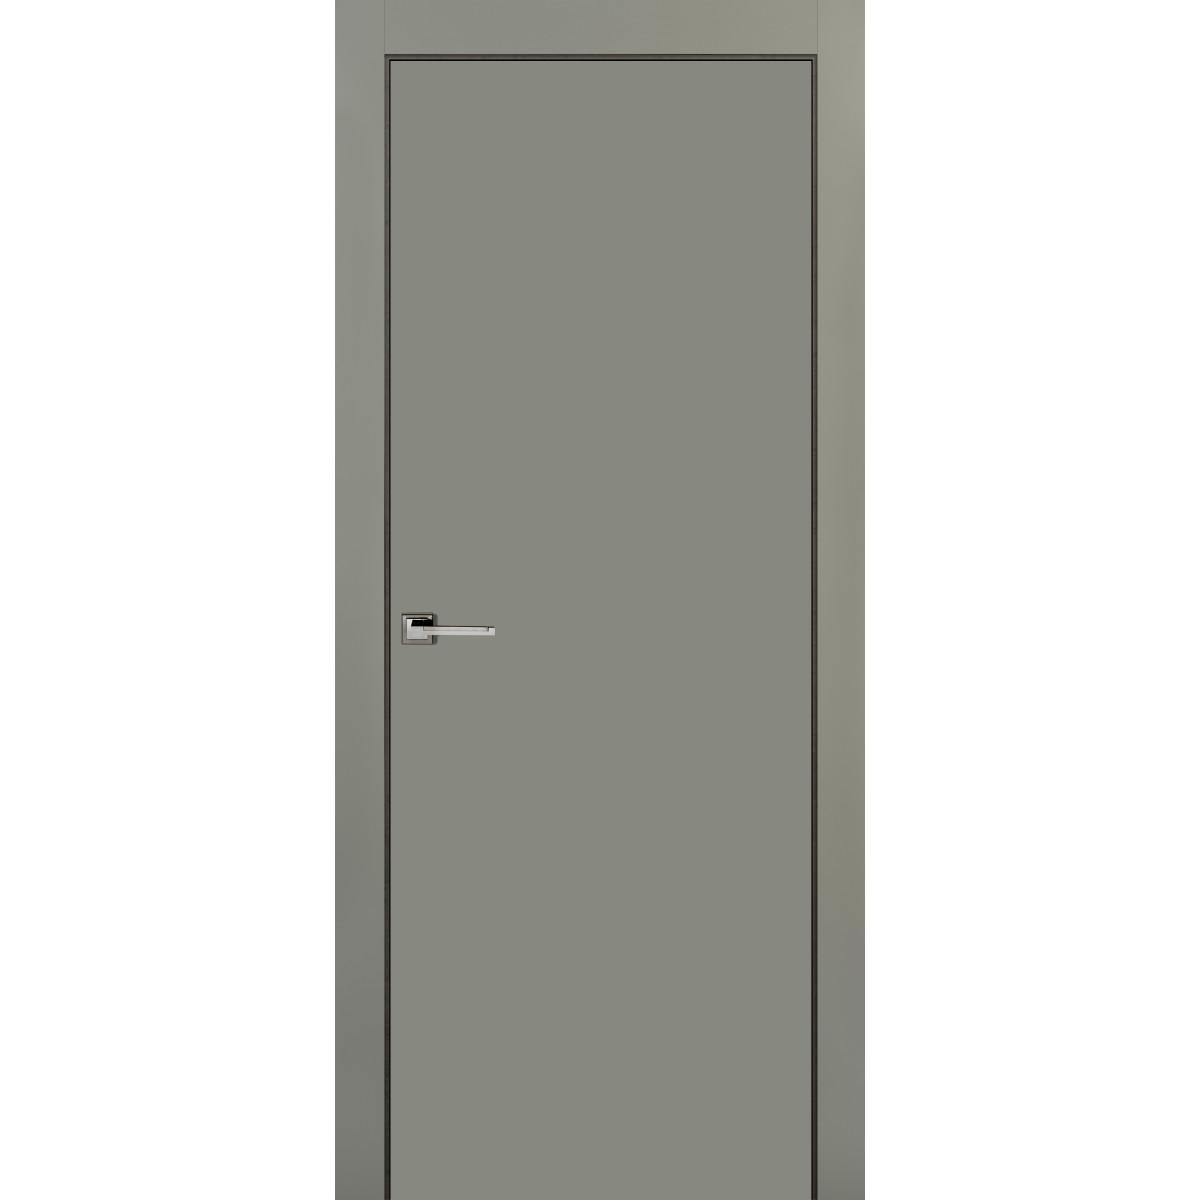 Дверь Межкомнатная Глухая С Замком В Комплекте 200x60 Эмаль Цвет Грей